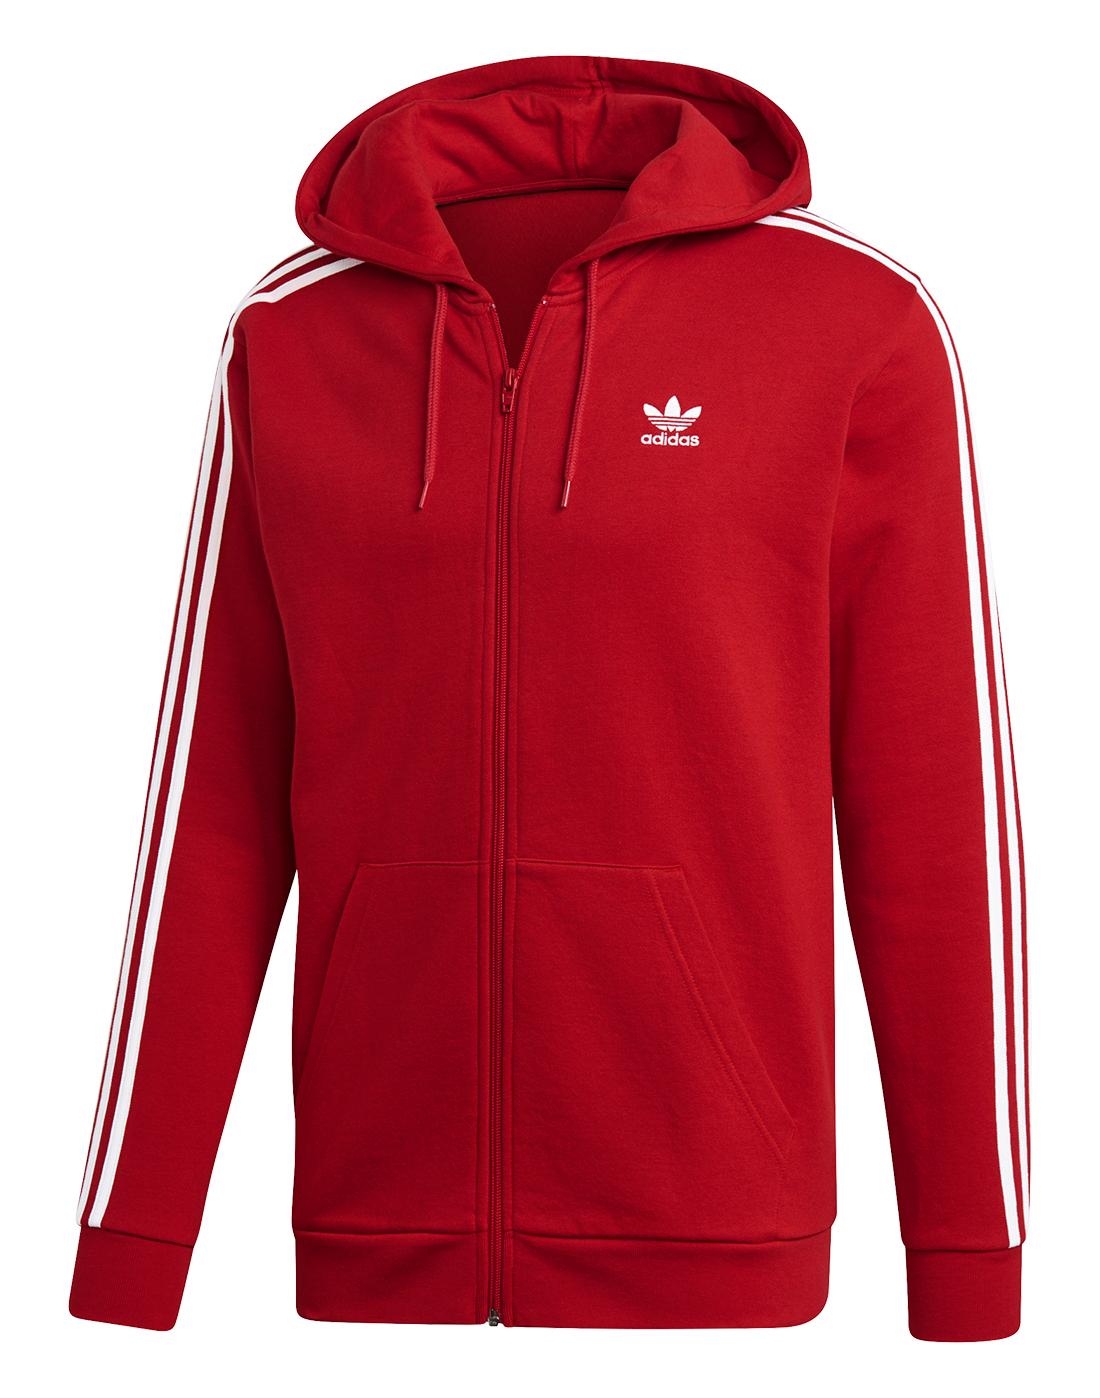 spara av Los Angeles utsökt design Men's Red adidas Originals Logo Full Zip Hoodie | Life Style Sports